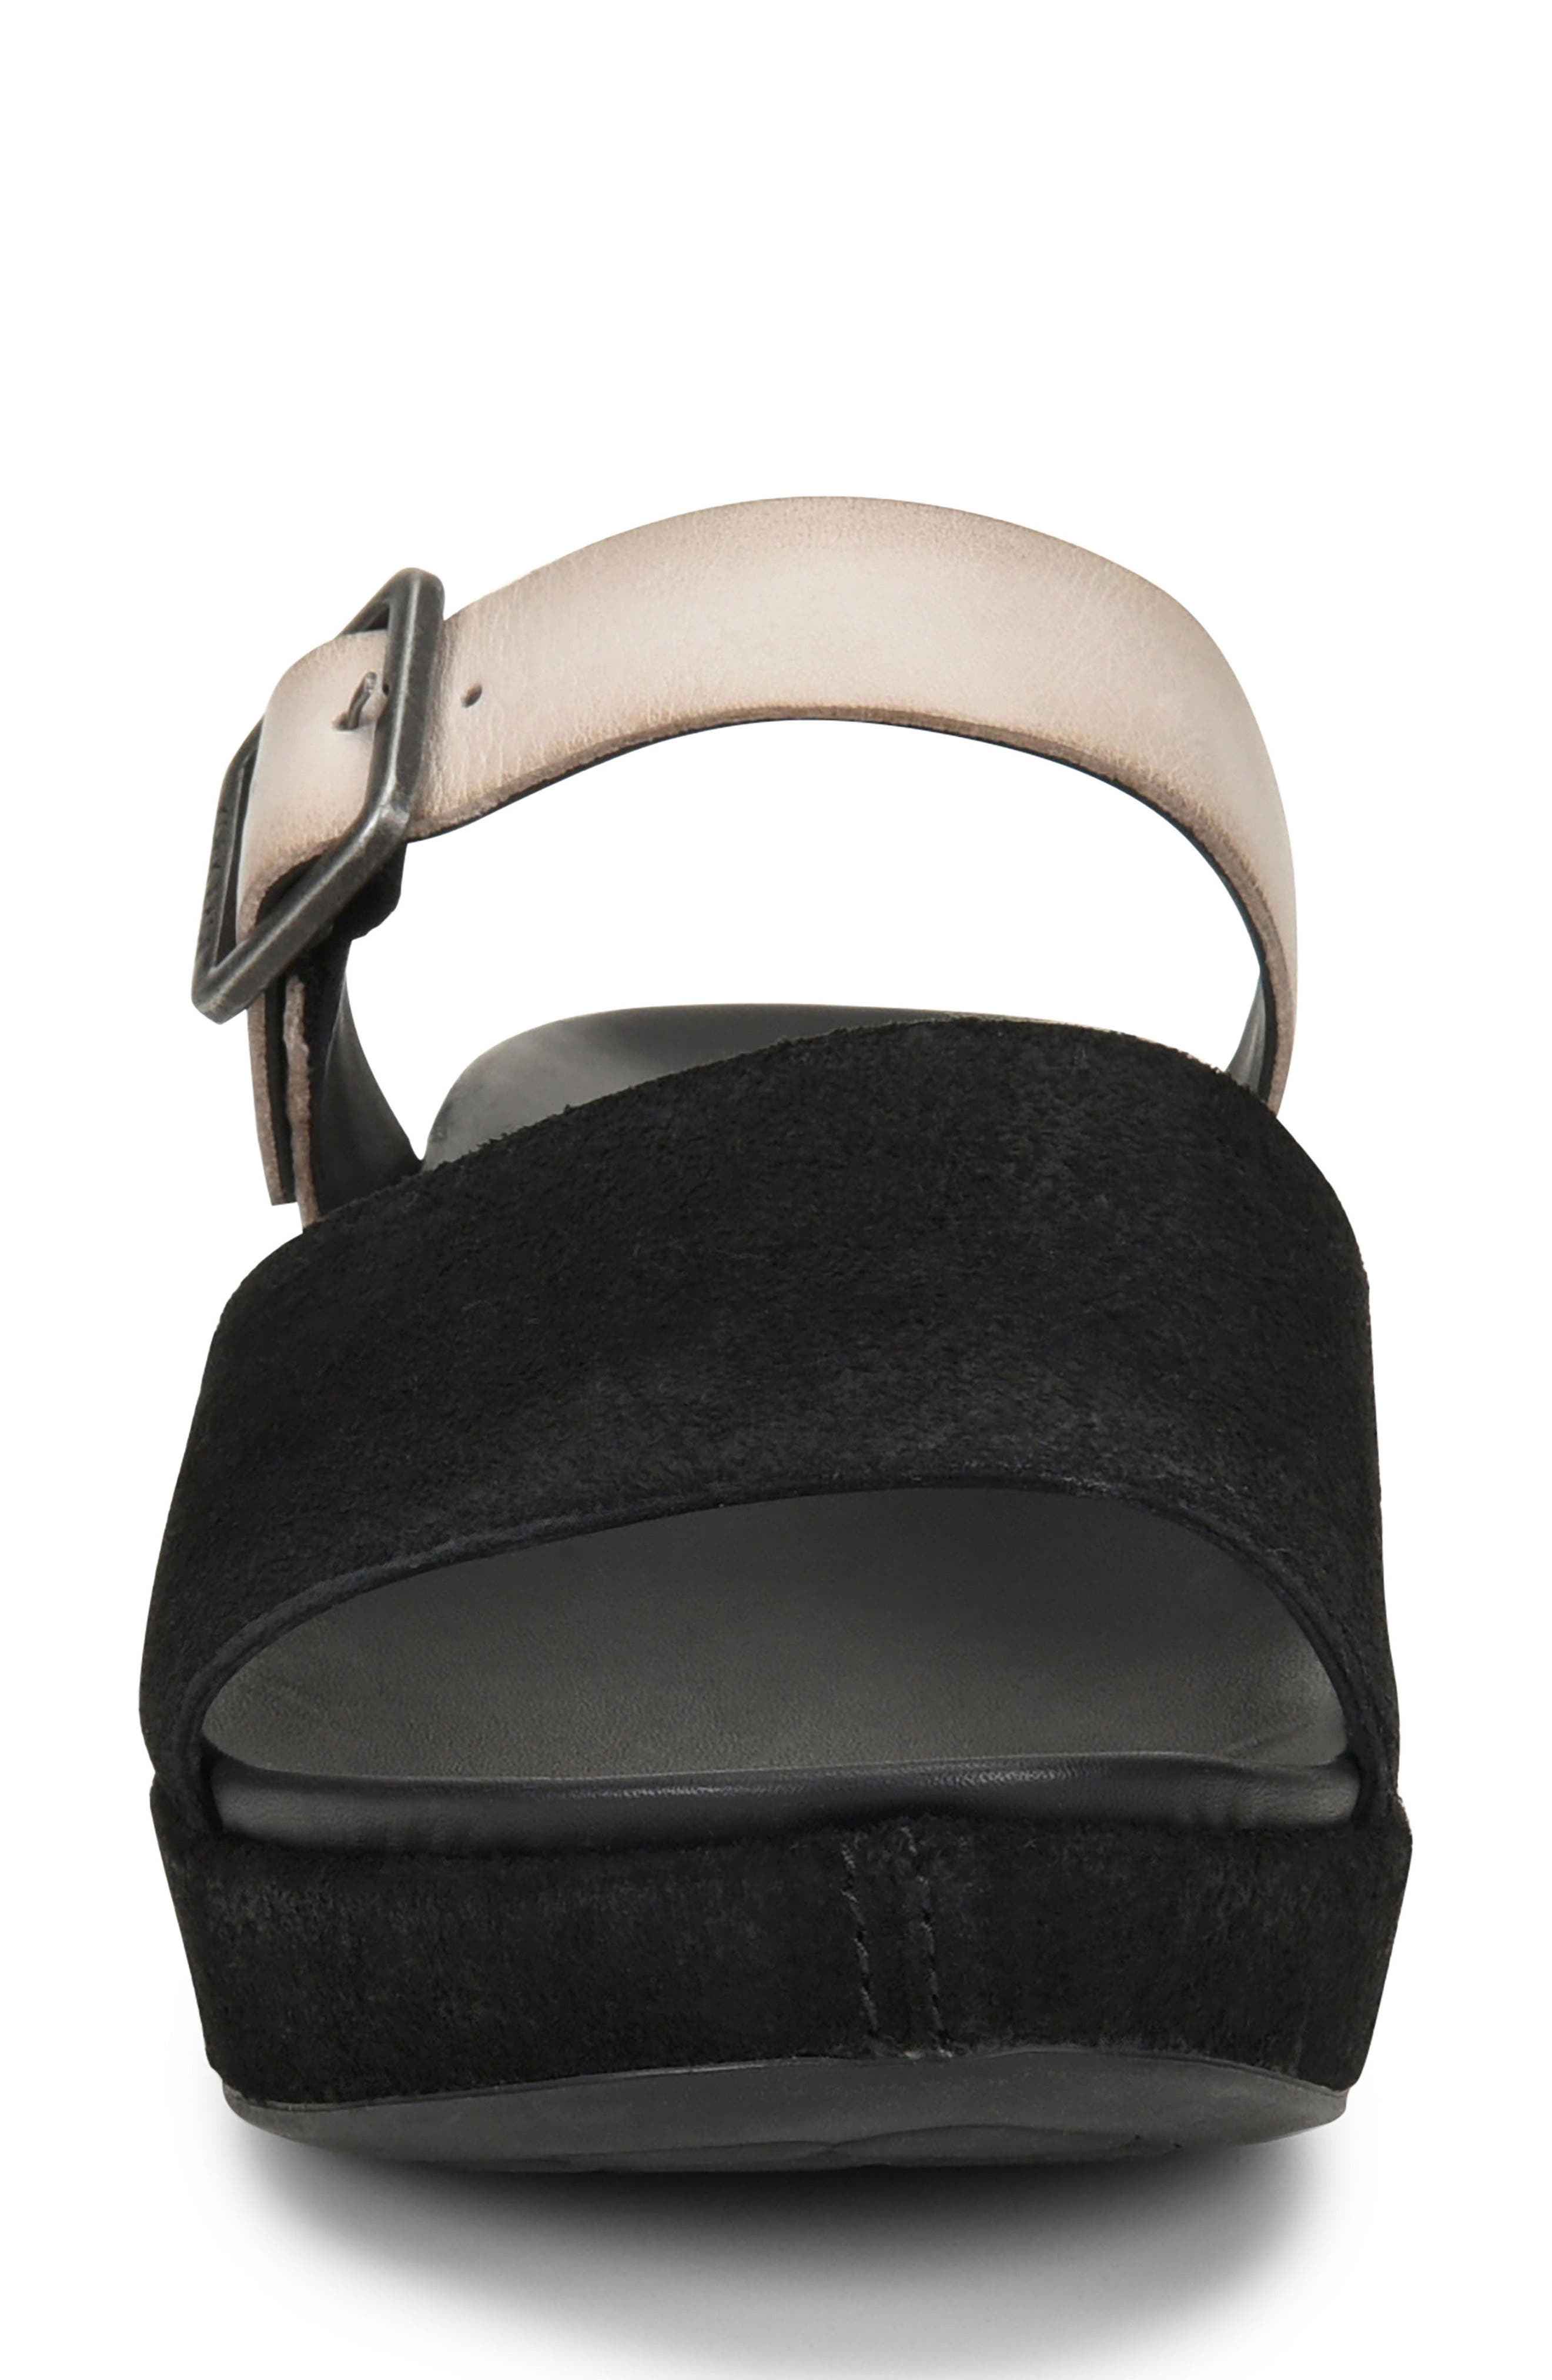 KORK-EASE<SUP>®</SUP> Bisti Wedge Slide Sandal, Main, color, BLACK/ GREY LEATHER